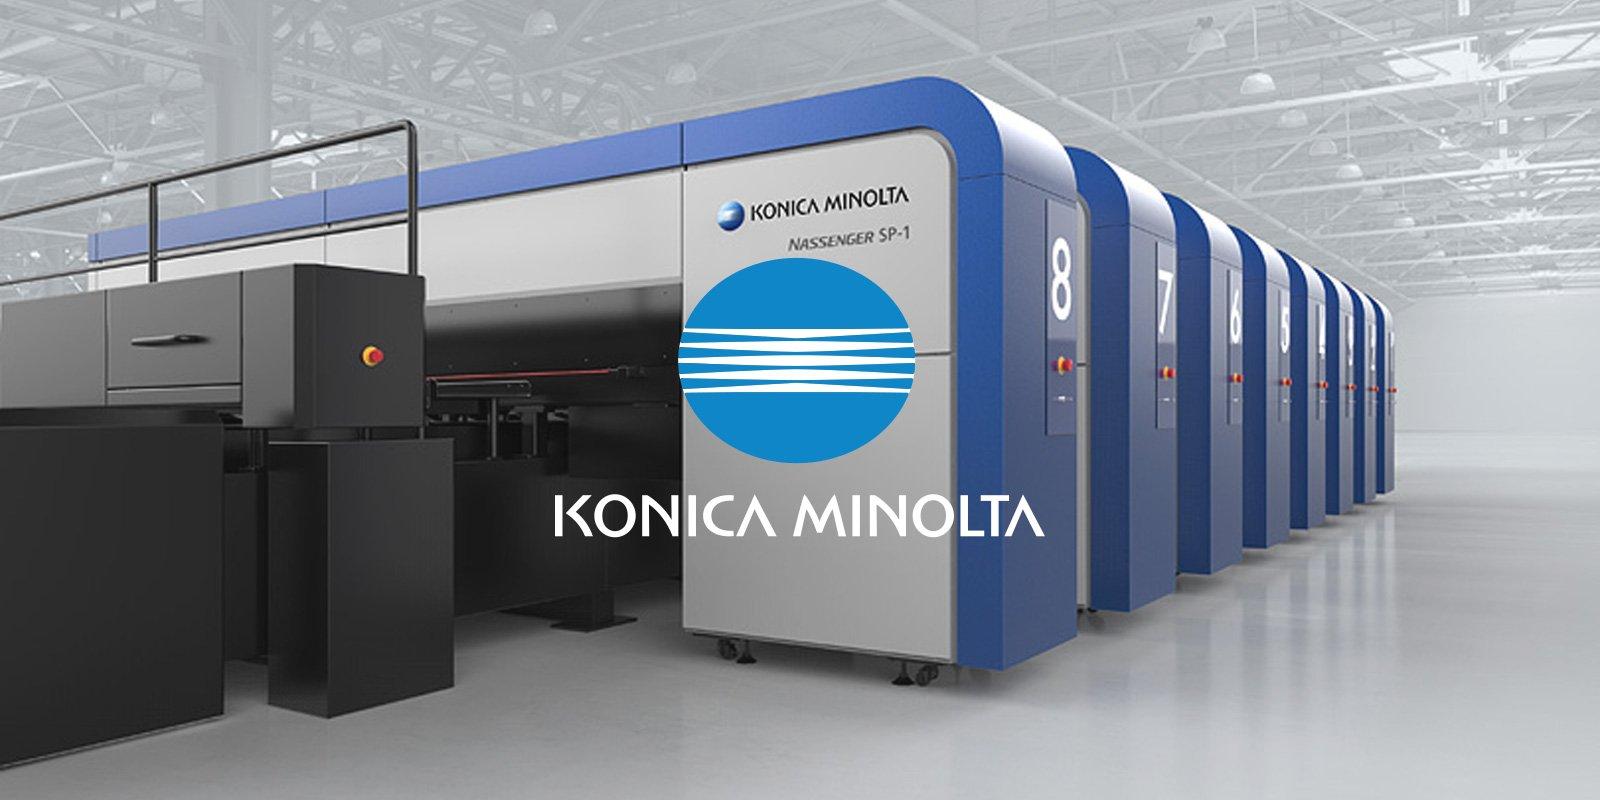 Il gigante della tecnologia Konica Minolta colpito da un nuovo ransomware